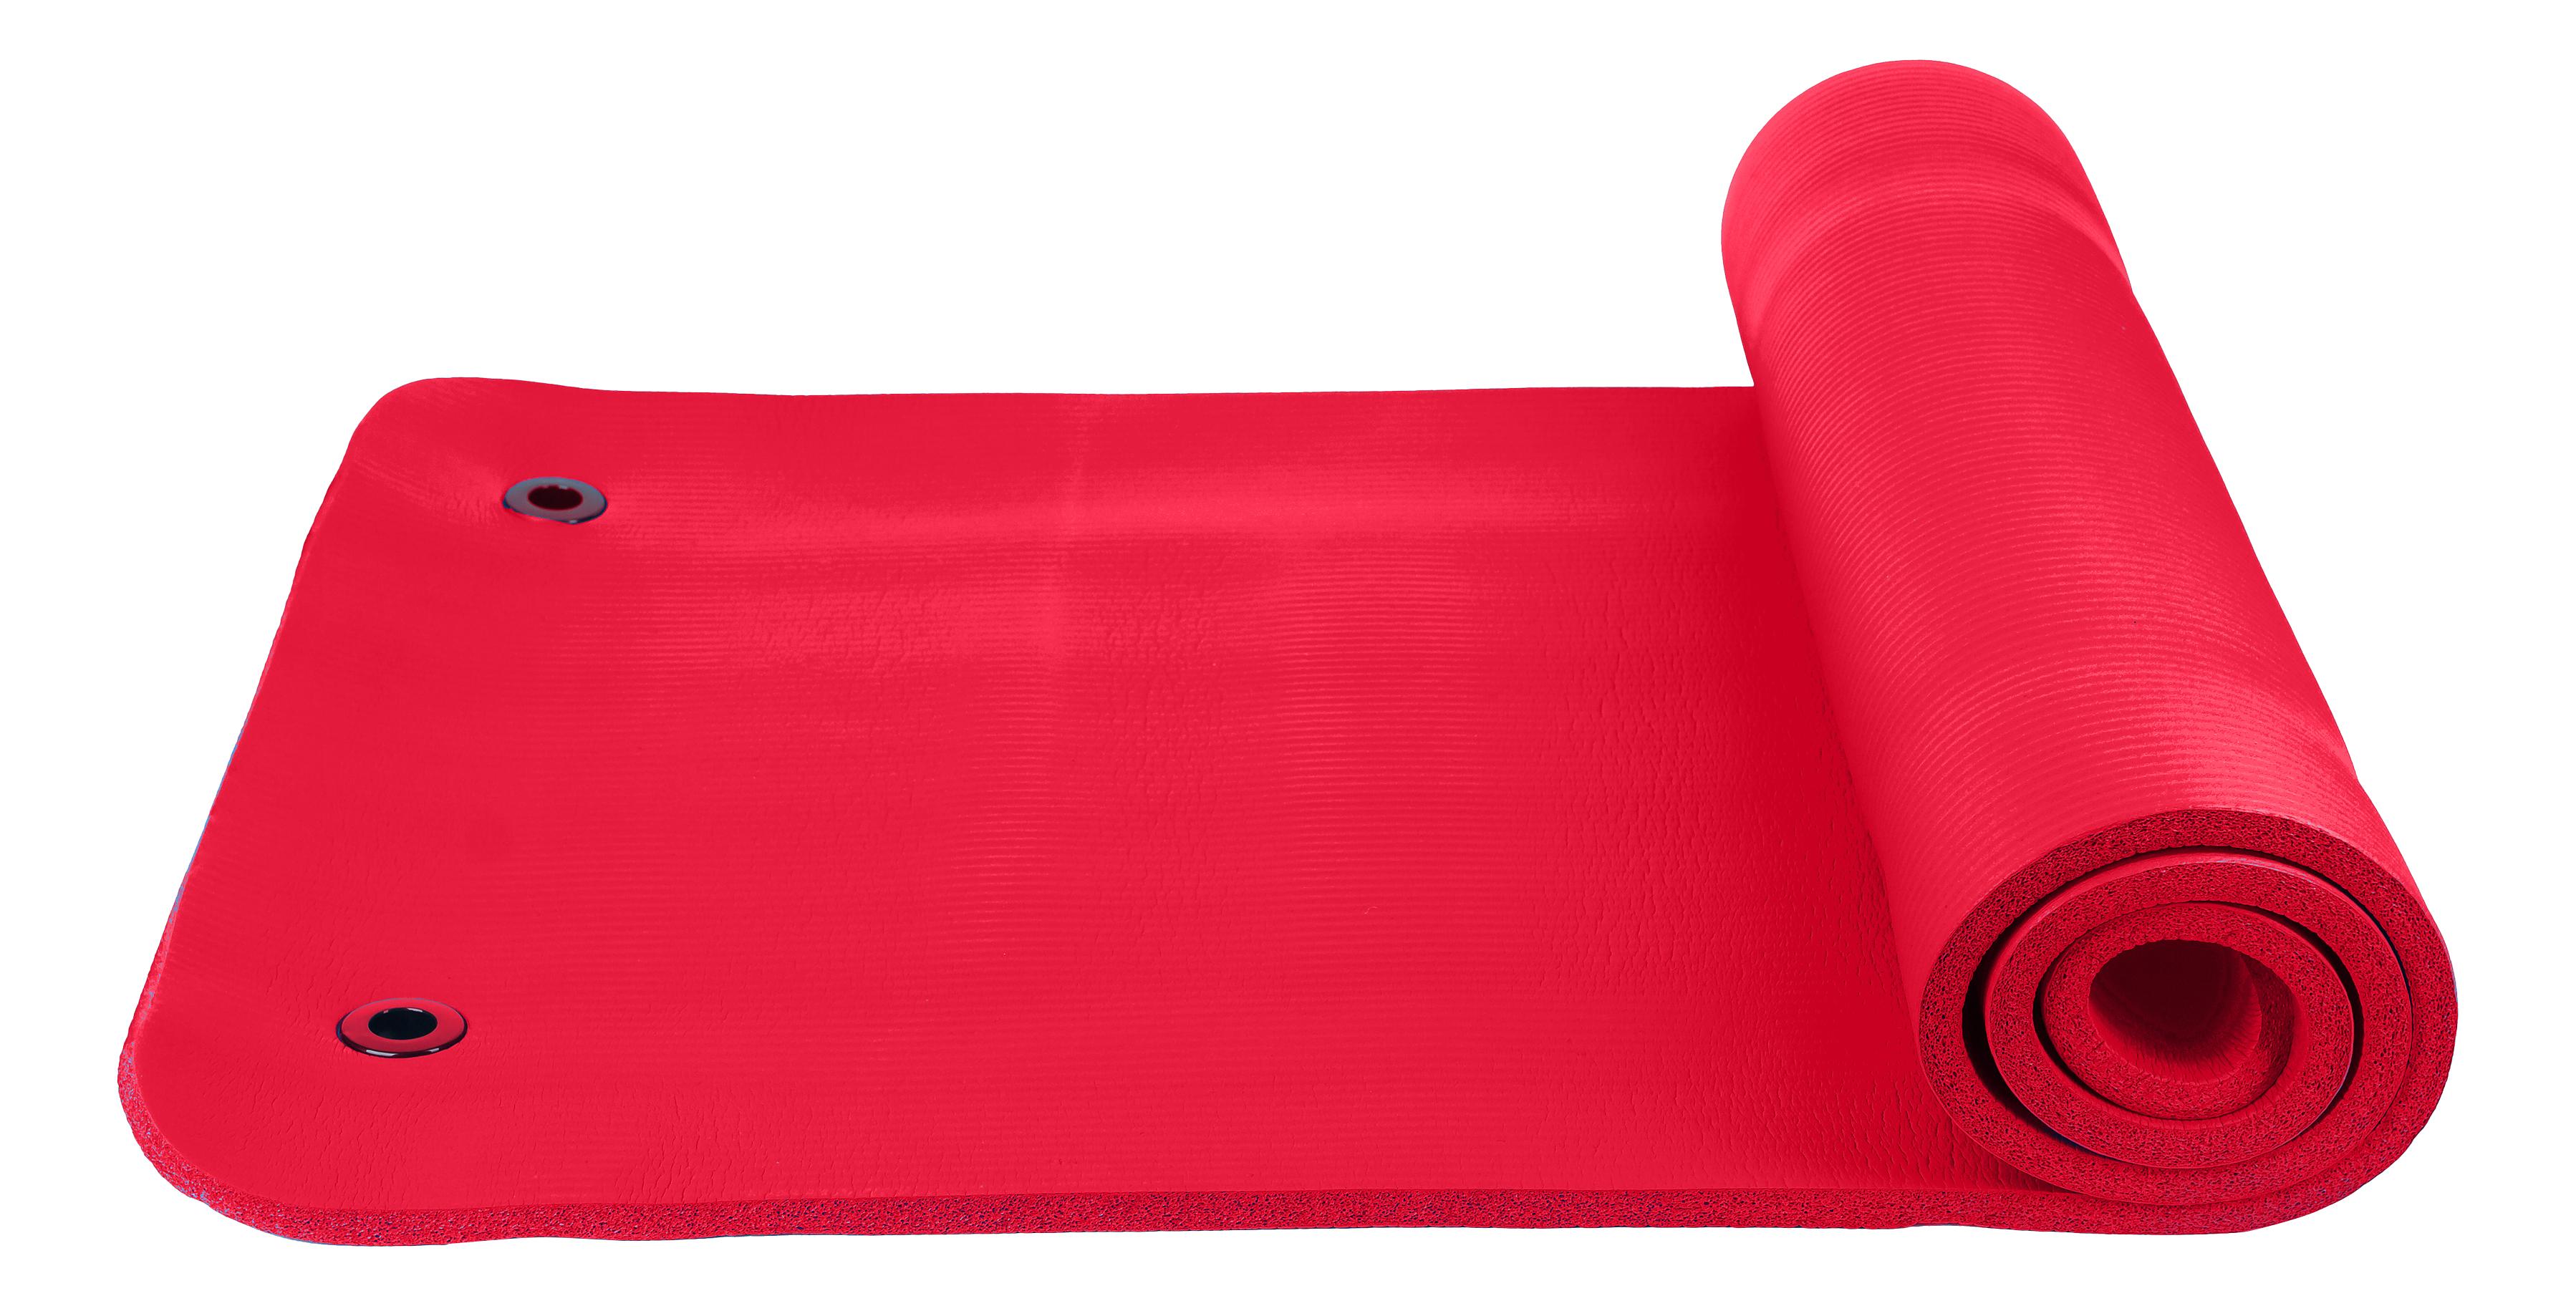 Коврик для фитнеса Fitnessport FT-EM-10-R красный 15 мм